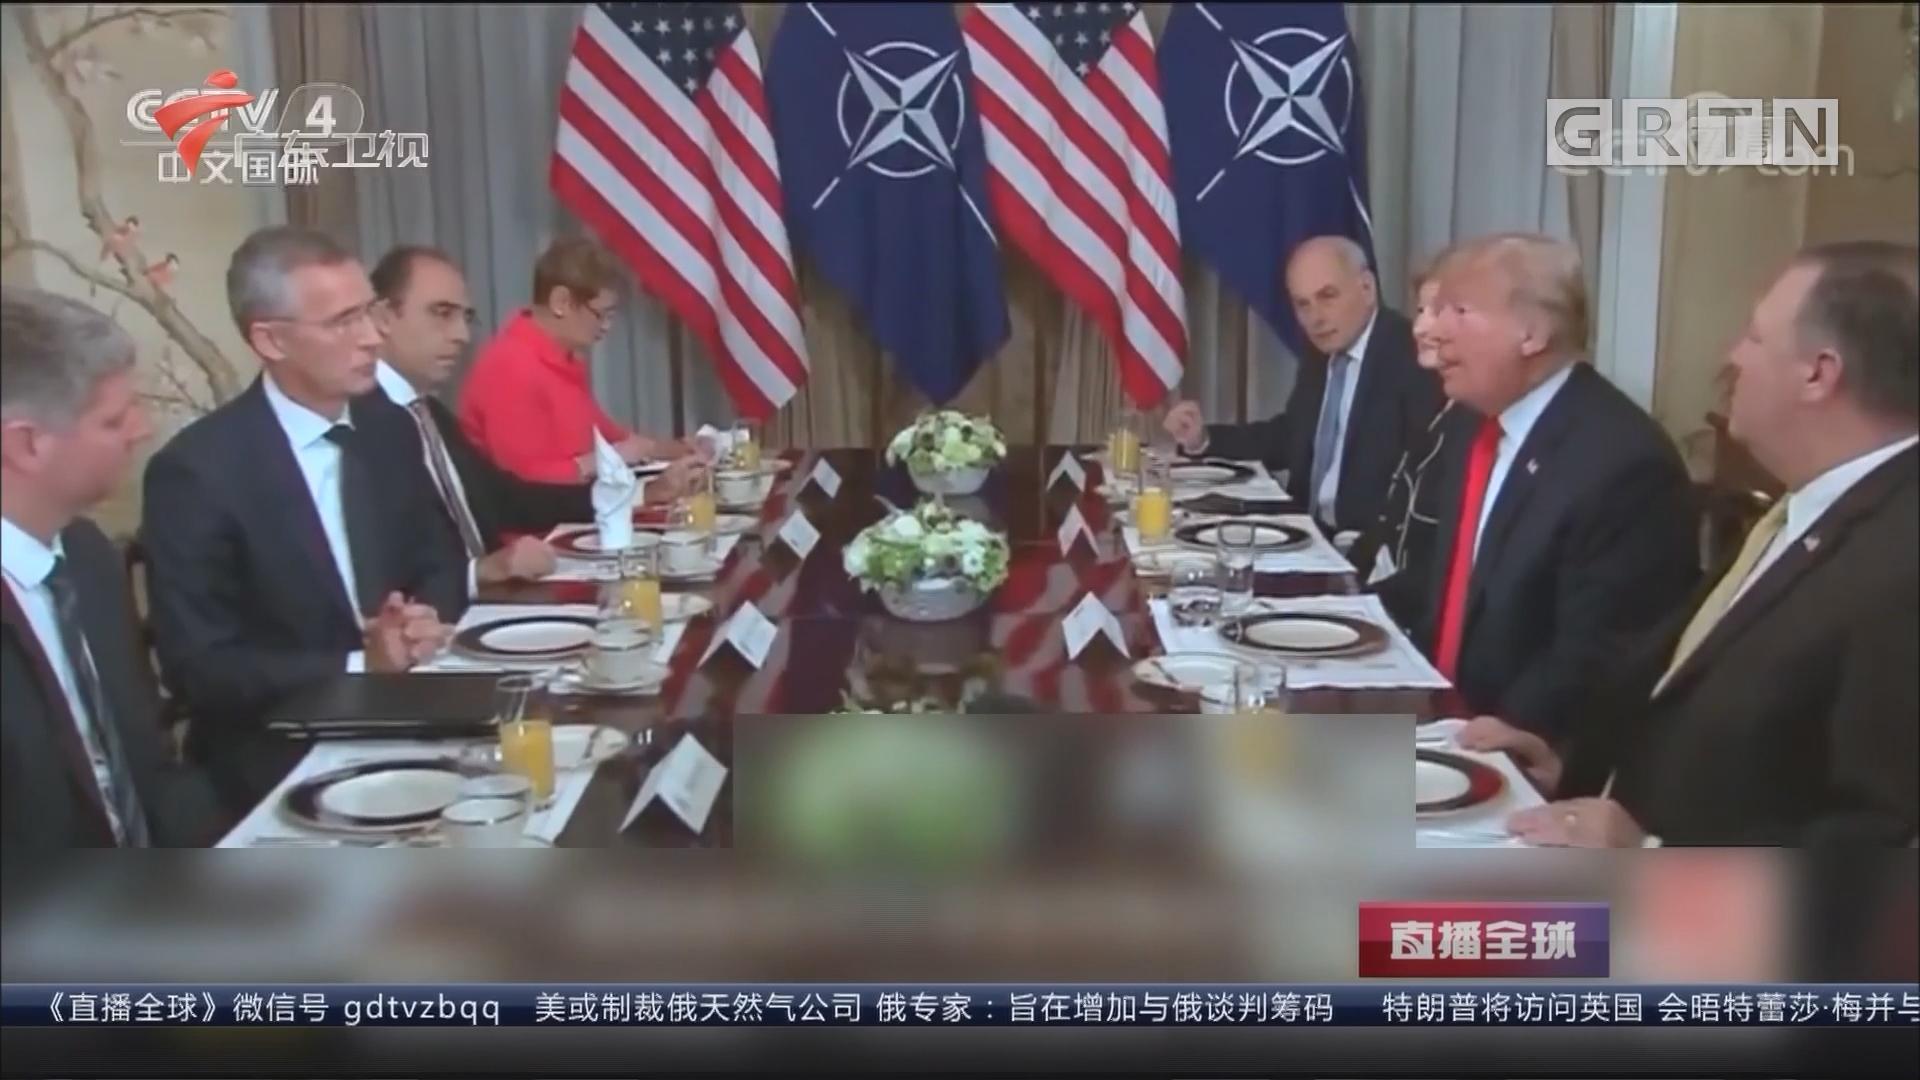 """北约峰会刚开始 特朗普就先狠批了德国 特朗普发出""""第一炮"""":德国是俄罗斯的""""俘虏"""""""